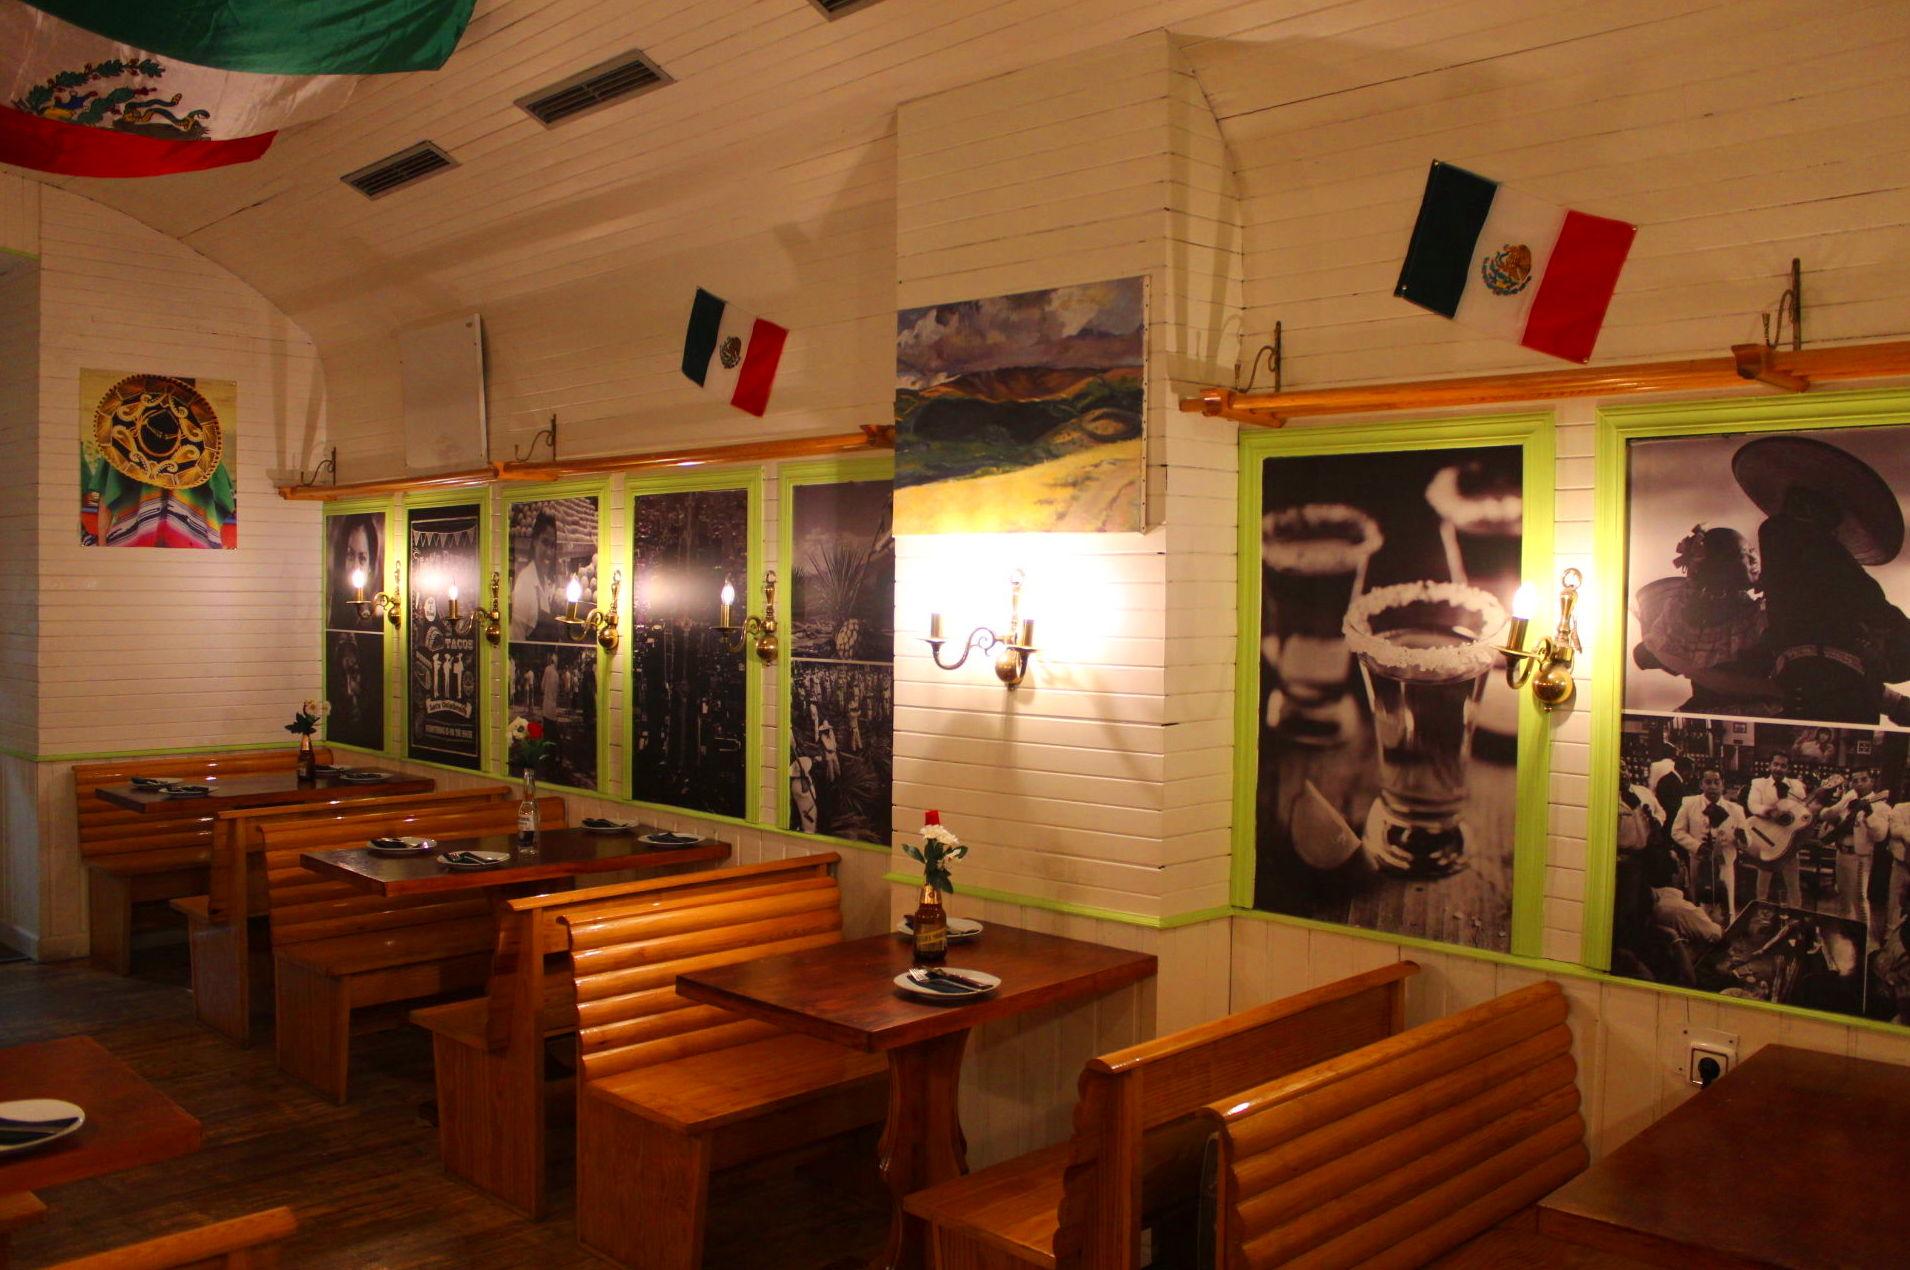 Foto 16 de Cocina mexicana en  | CARLOS FERNÁNDEZ CARRASCO